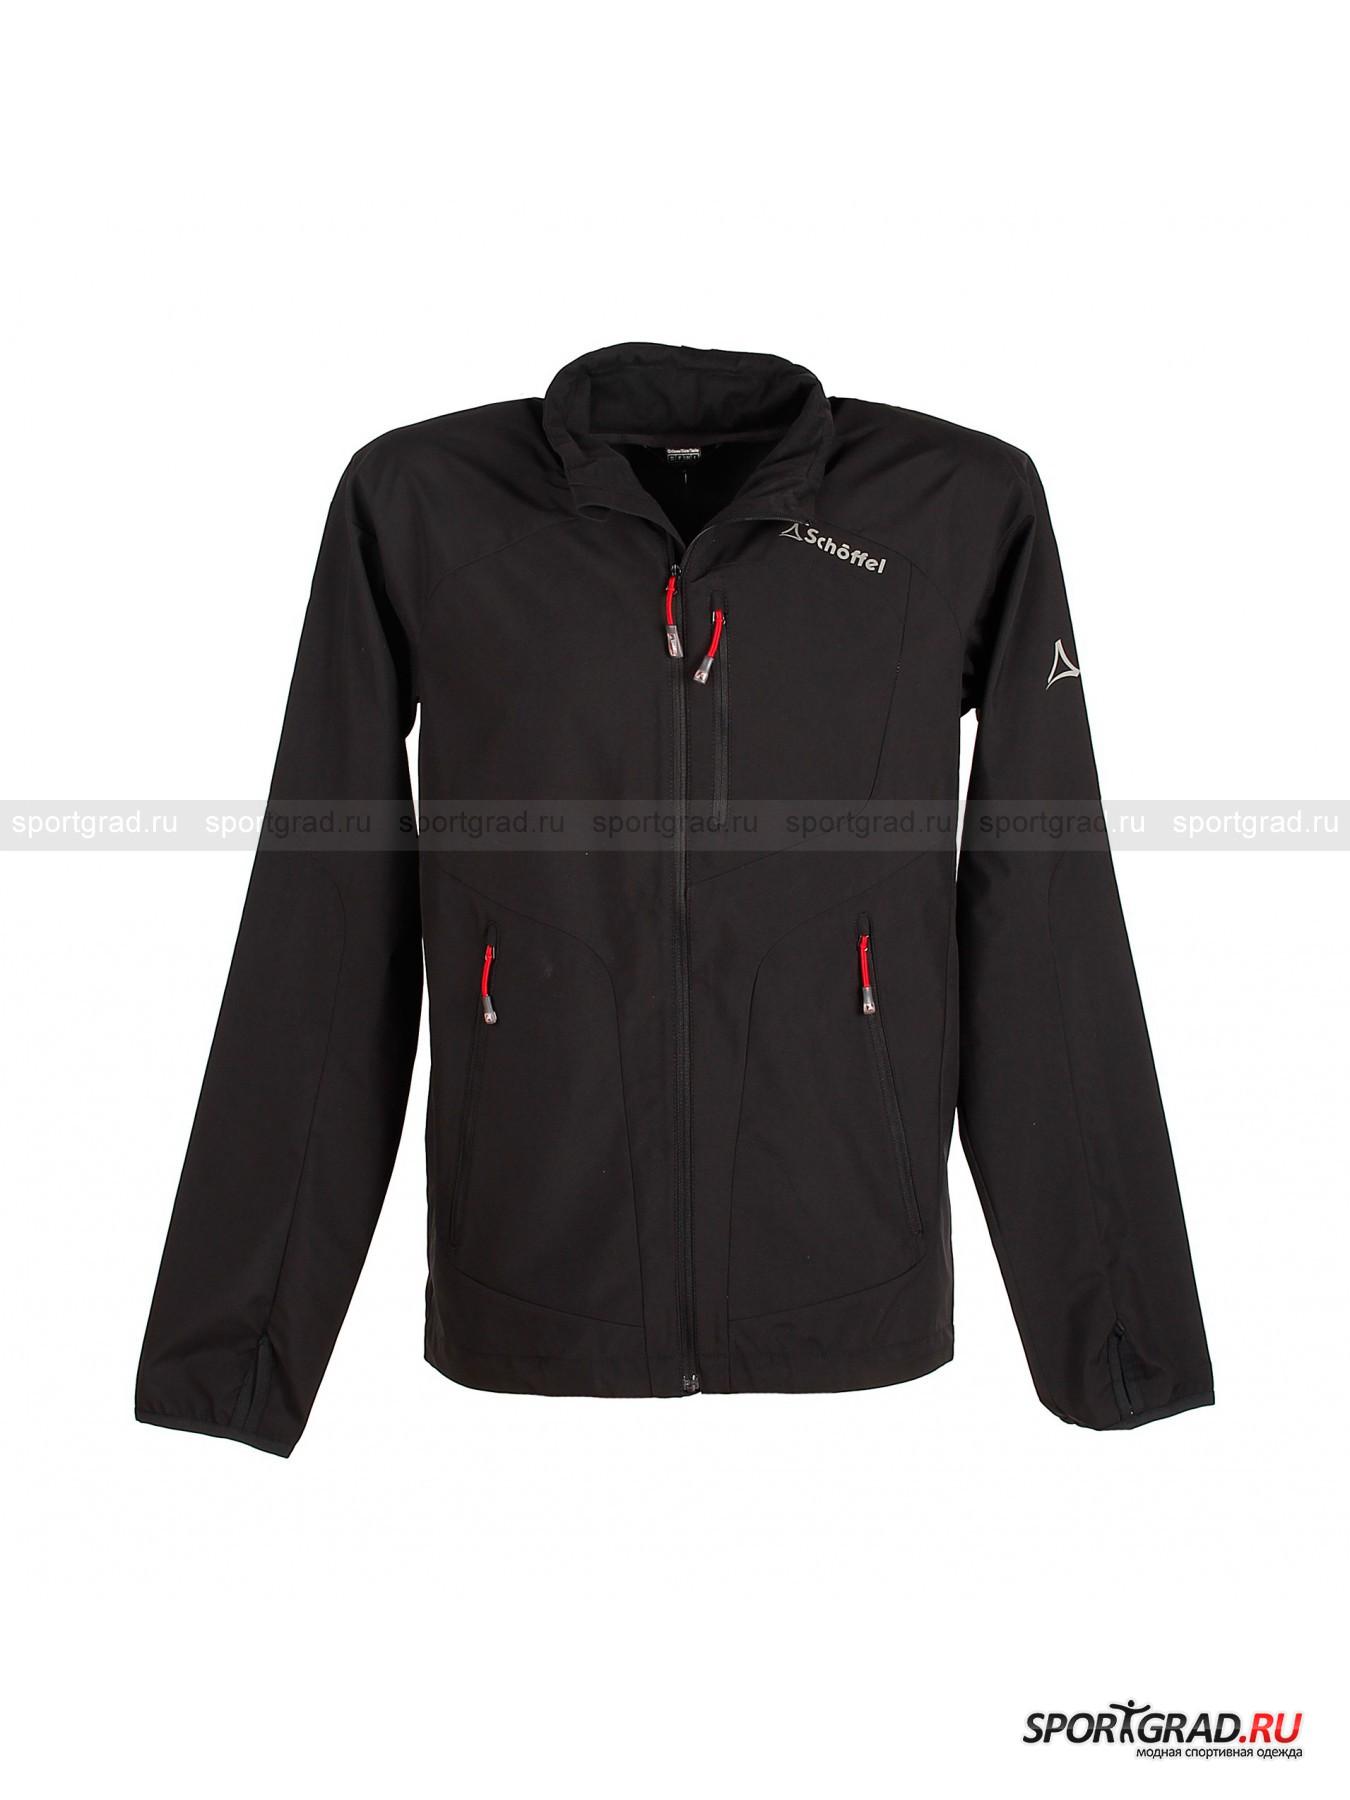 Куртка ветровка мужская SCHOFFEL Light Shell M от Спортград